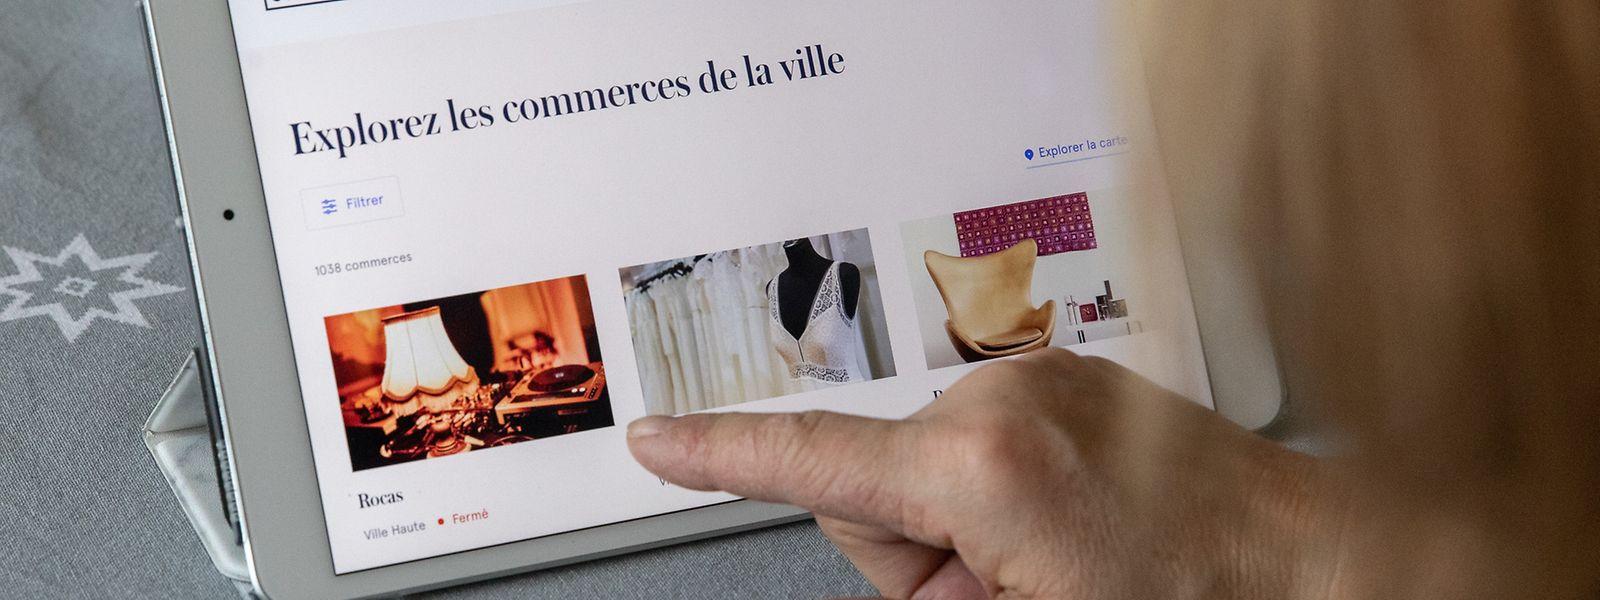 Le site, lancé en 2009, n'a jamais connu autant de boutiques et autres services visibles en ligne.